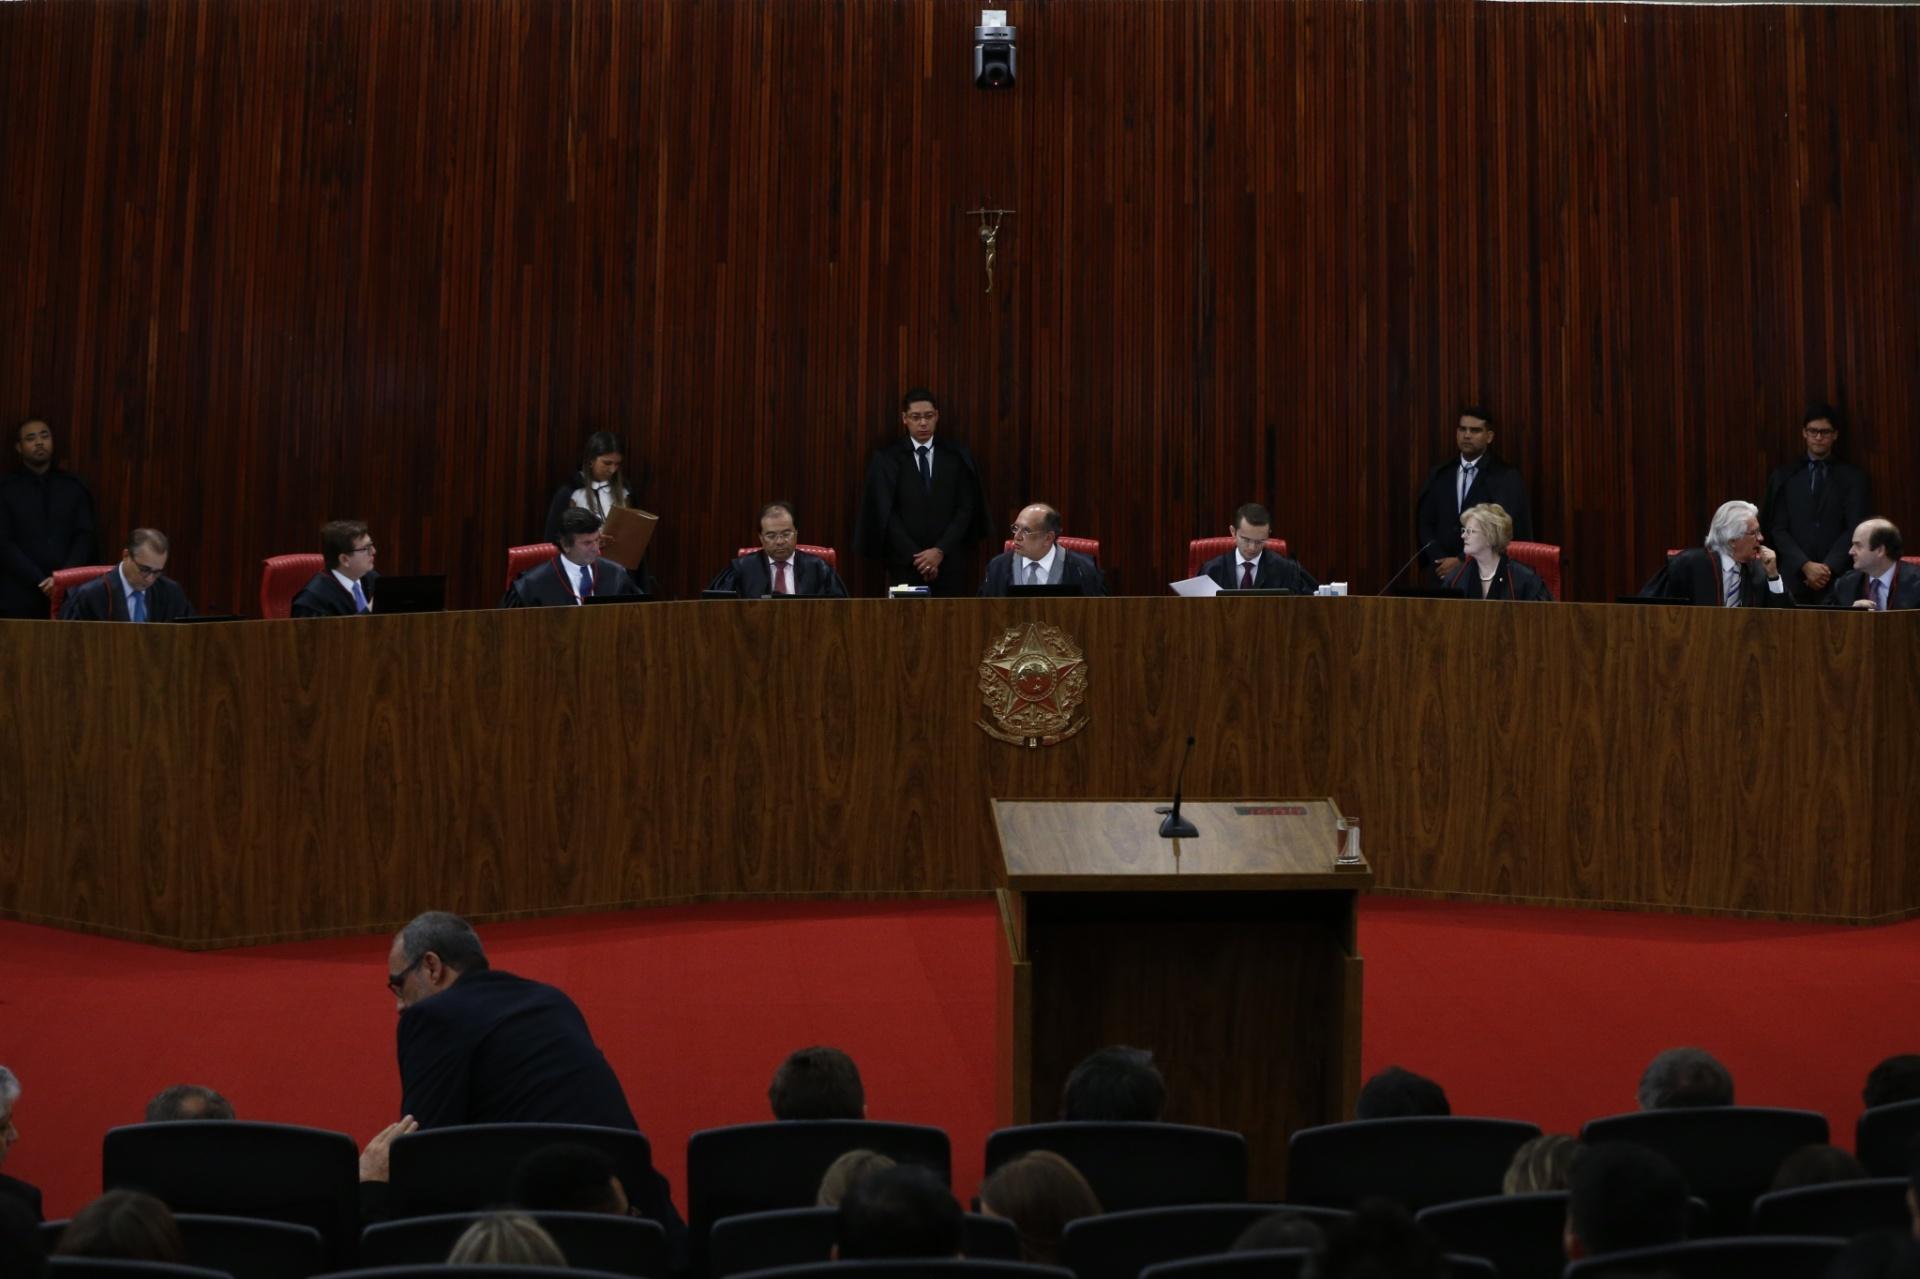 Ministros tomam assento para iniciar a sessão que retoma o julgamento da ação contra a chapa Dilma-Temer, no TSE (Tribunal Superior Eleitoral)